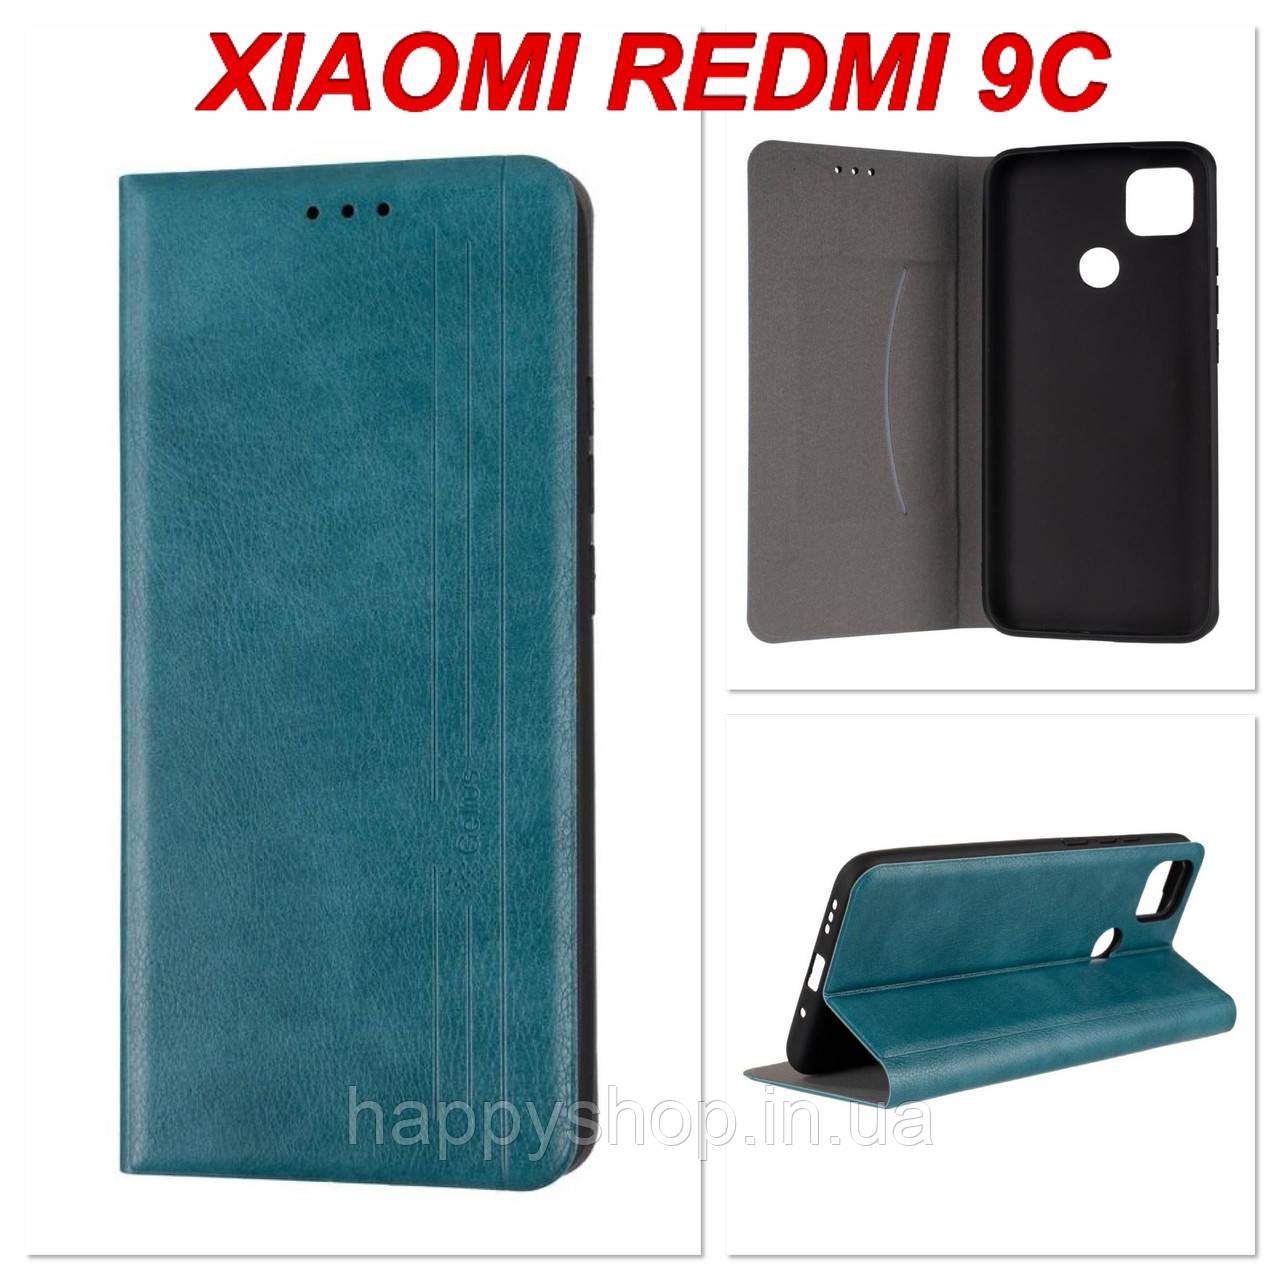 Чехол-книжка Gelius Leather New для Xiaomi Redmi 9C (Зеленый)